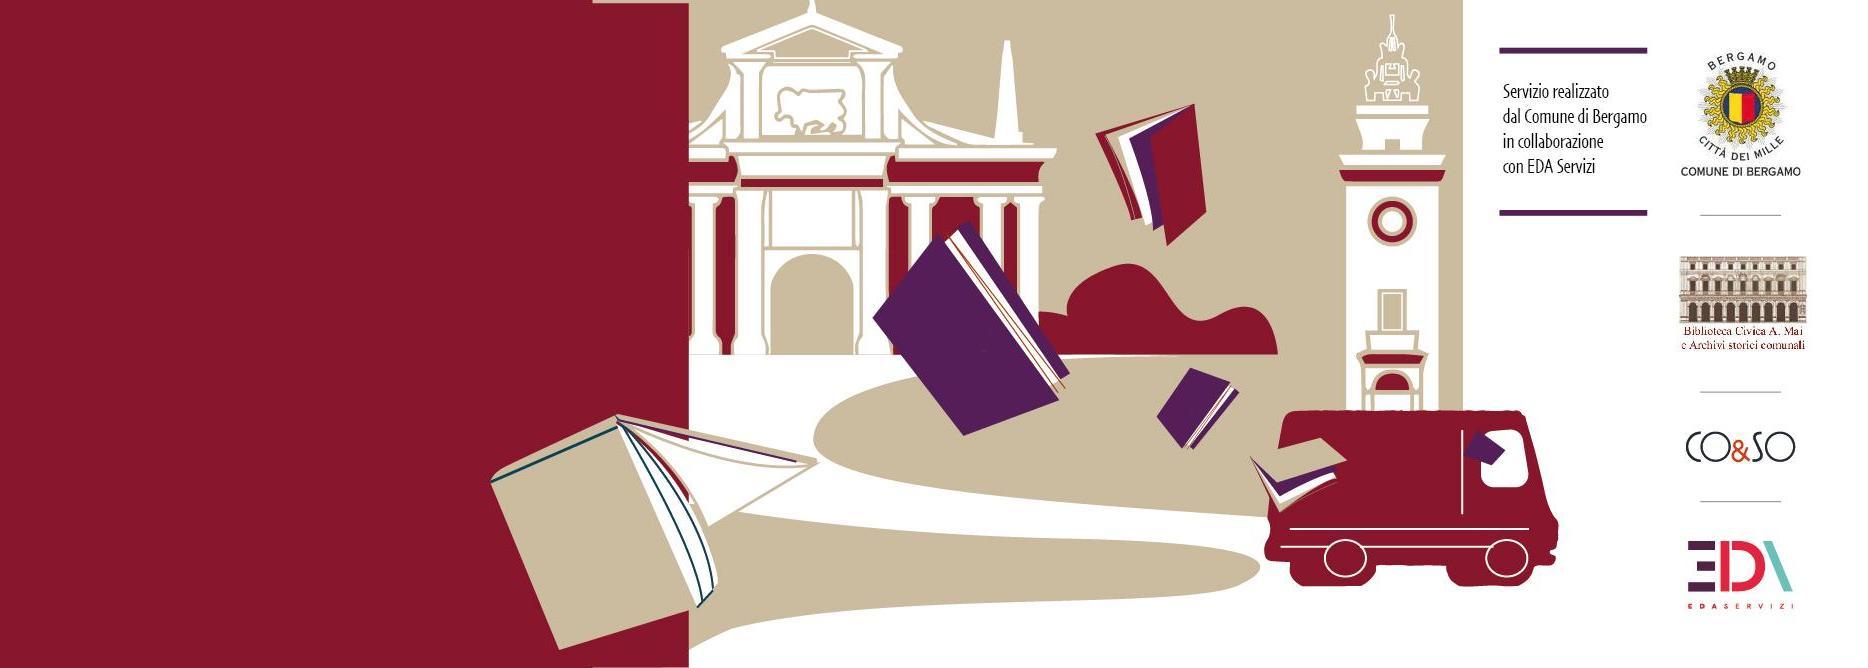 libri-a-domicilio-banner-2